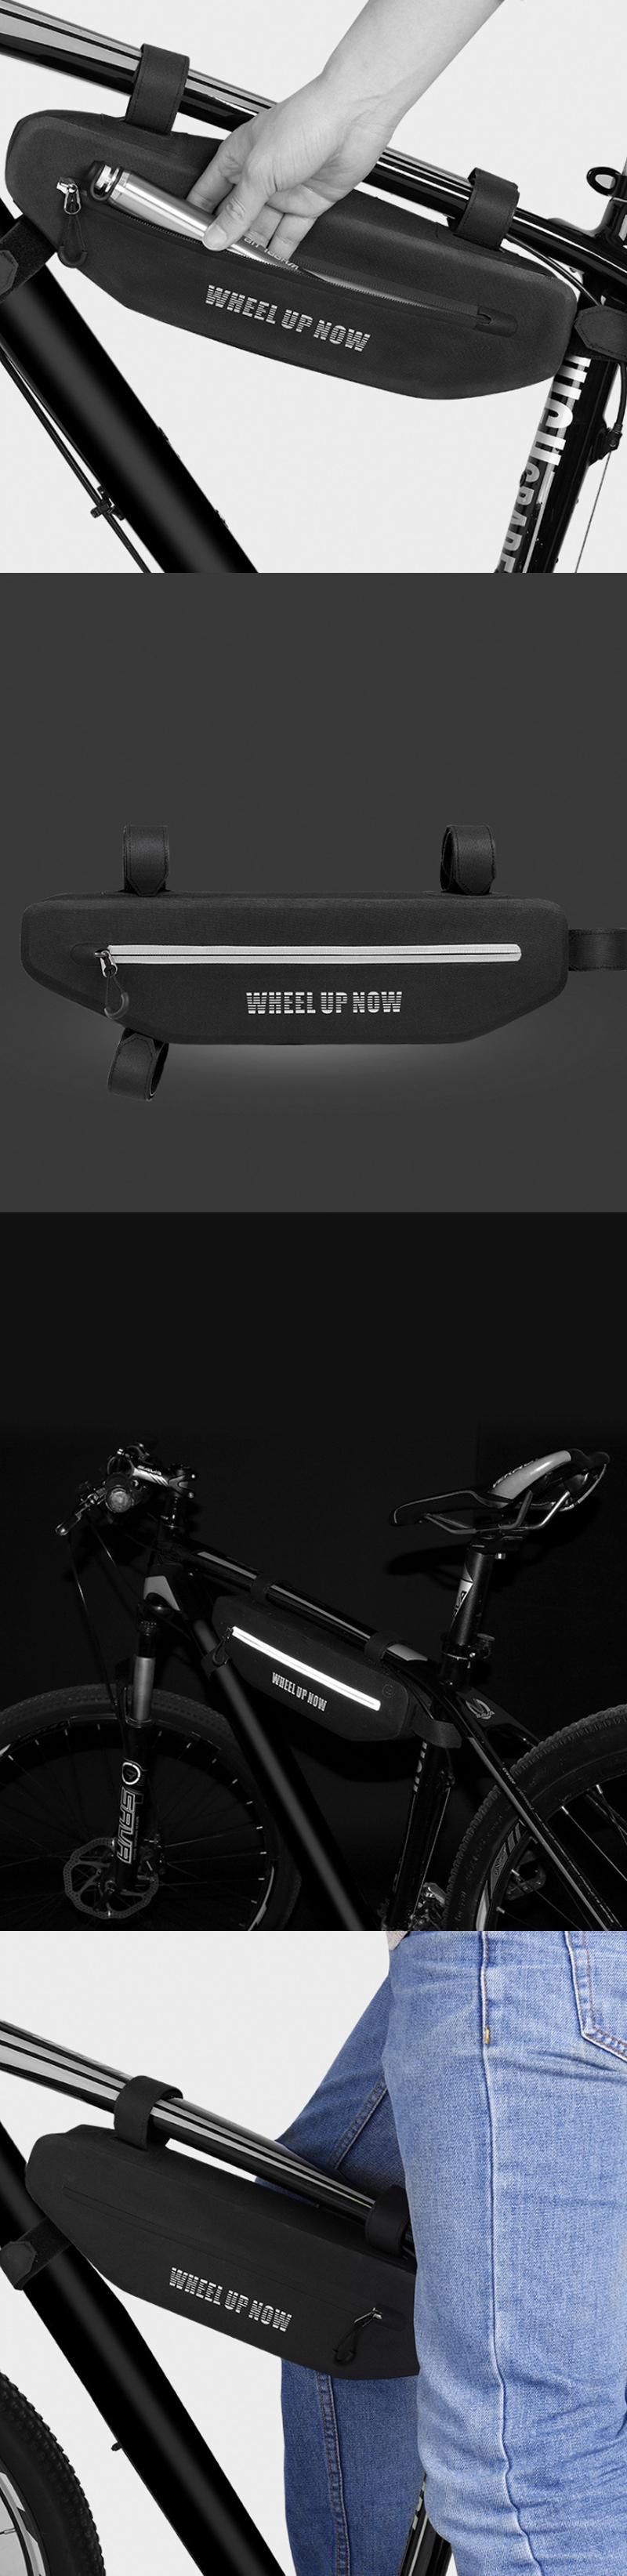 WHEELUPВелосипедноеседлоСумкаВодонепроницаемы MTB Велосипедная передняя рама Сумка Велоспорт Сумка Чехол - фото 2